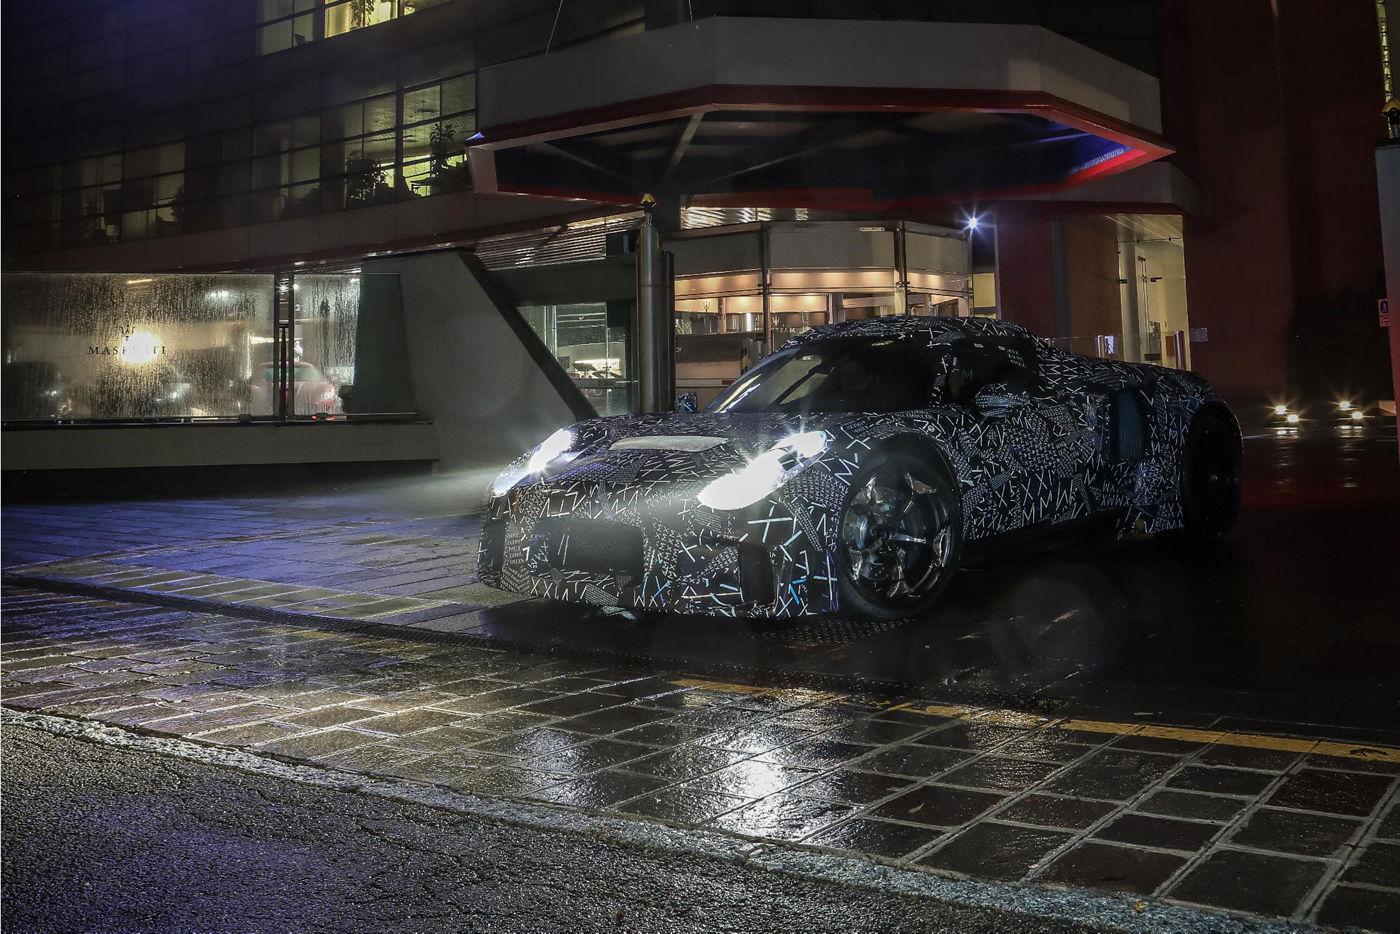 prototipo auto maserati su strada vista frontale con fari accesi